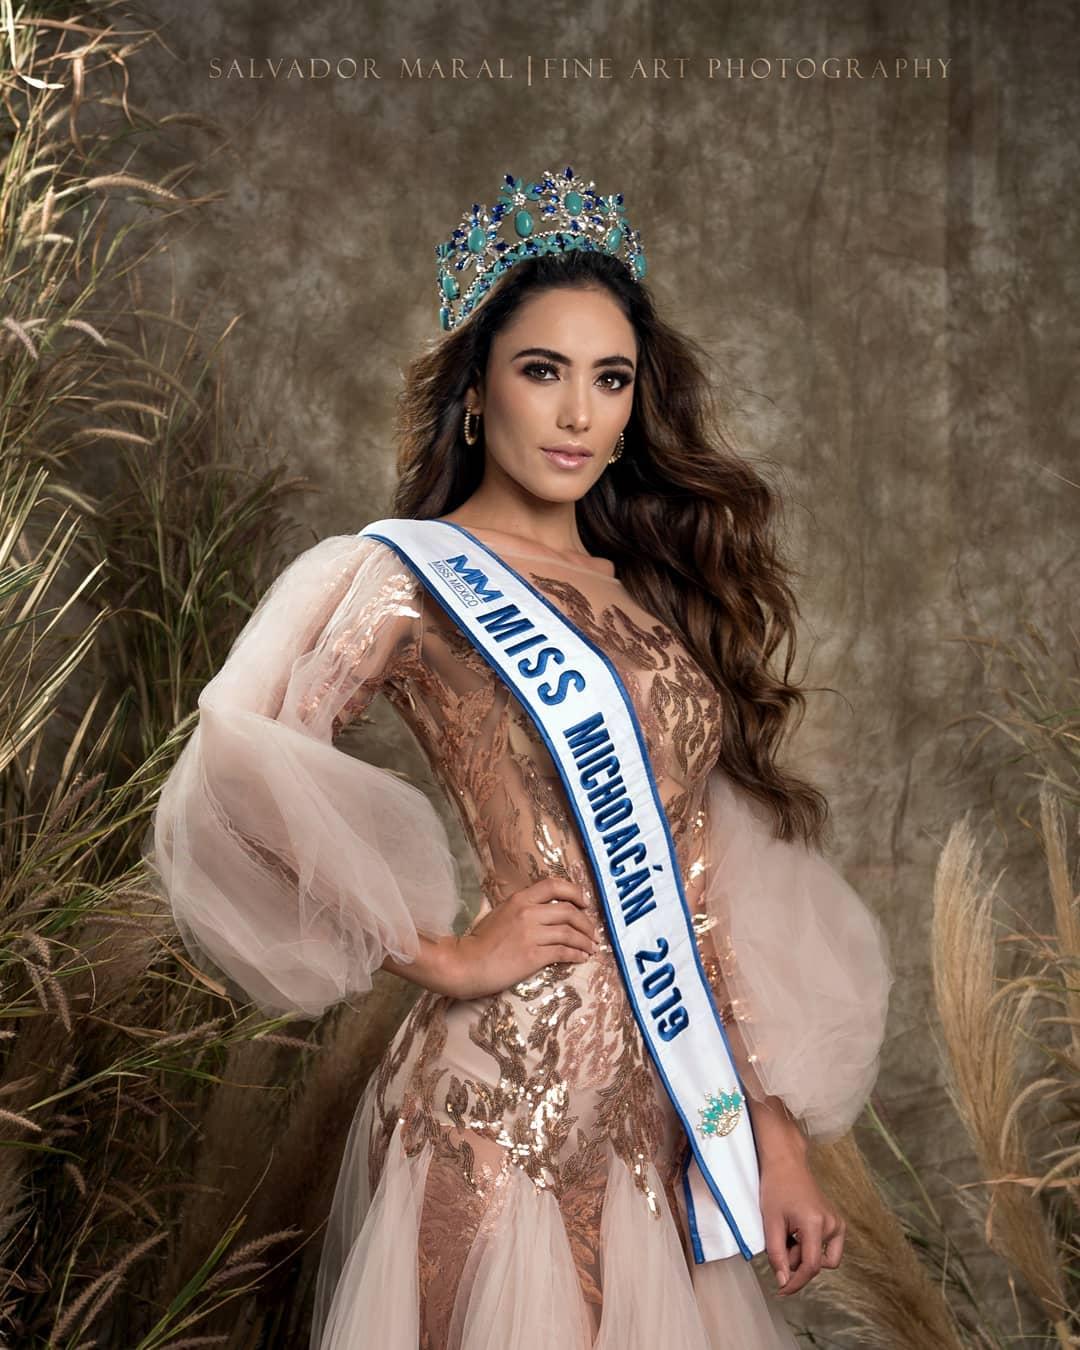 karolina vidales, candidata a miss mexico 2020, representando michoacan. 70724310